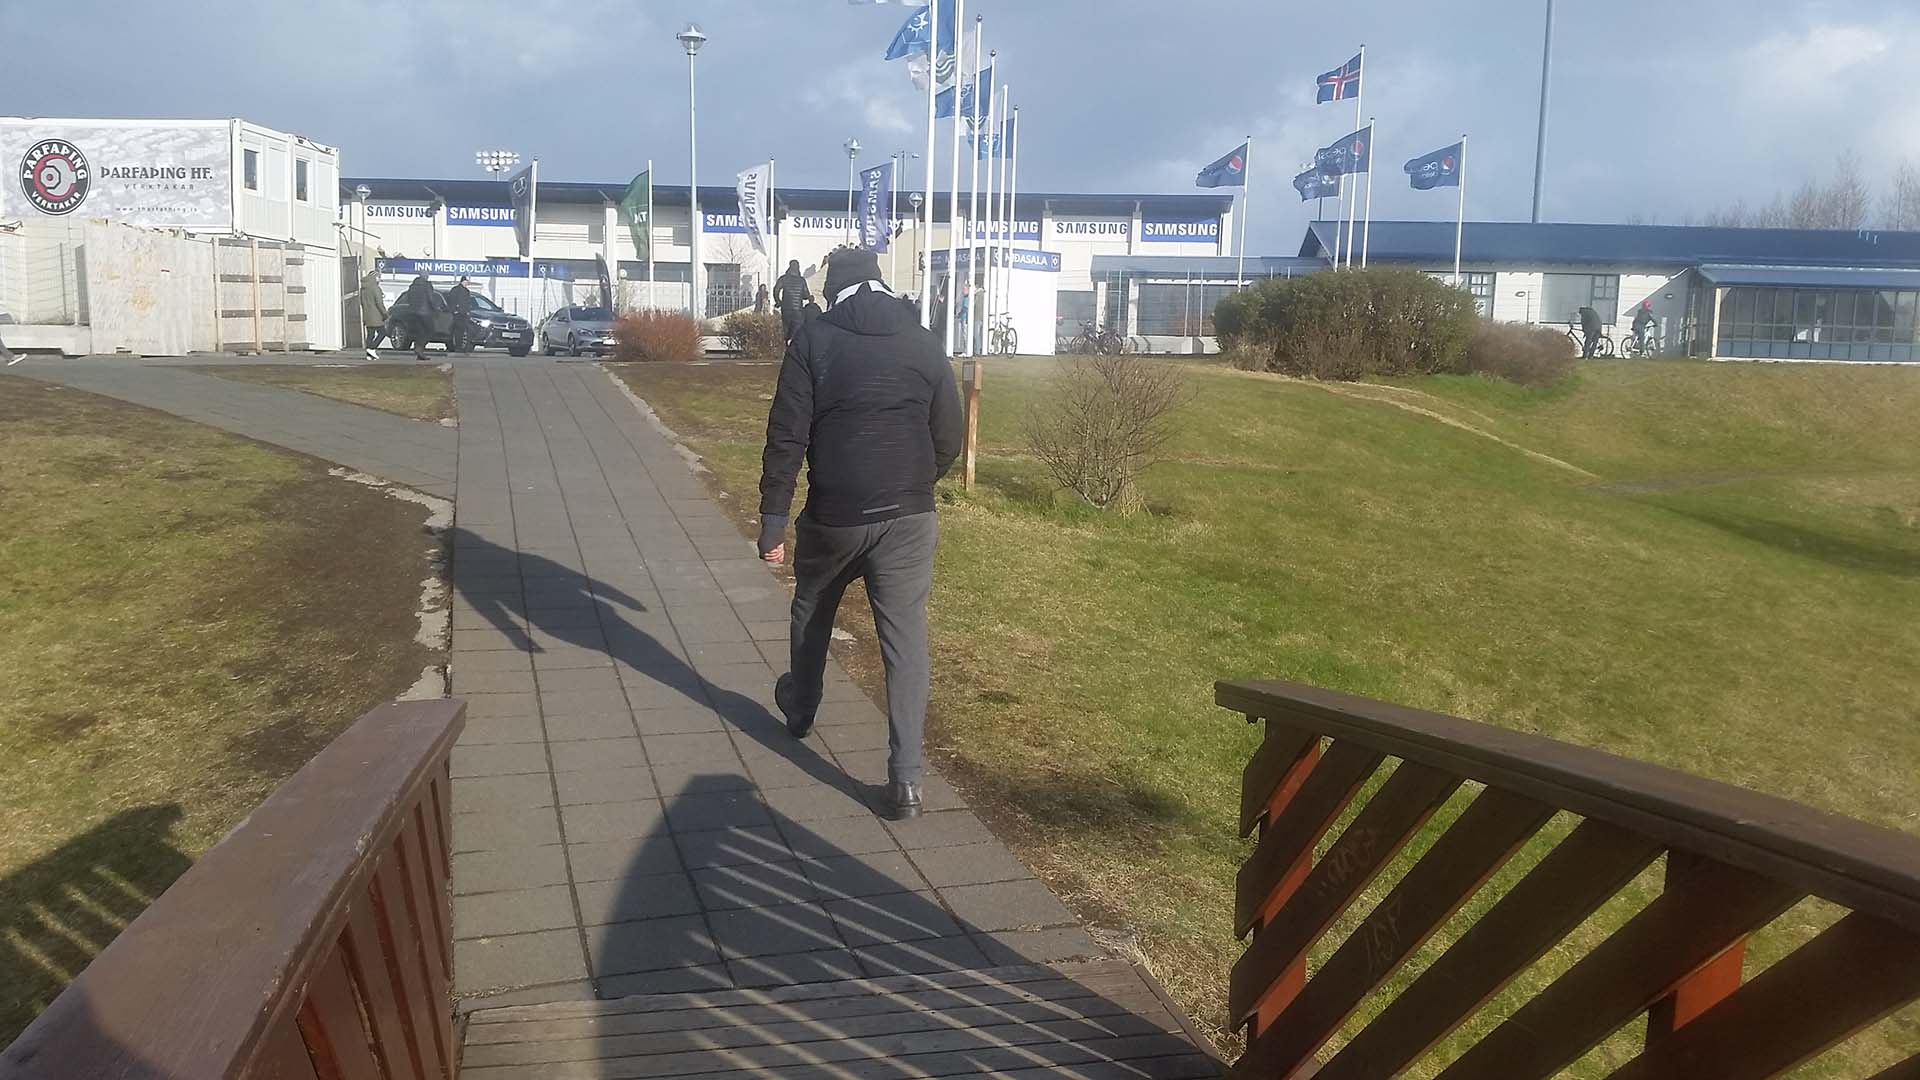 El camino de ingreso al estadio del Stjarnan